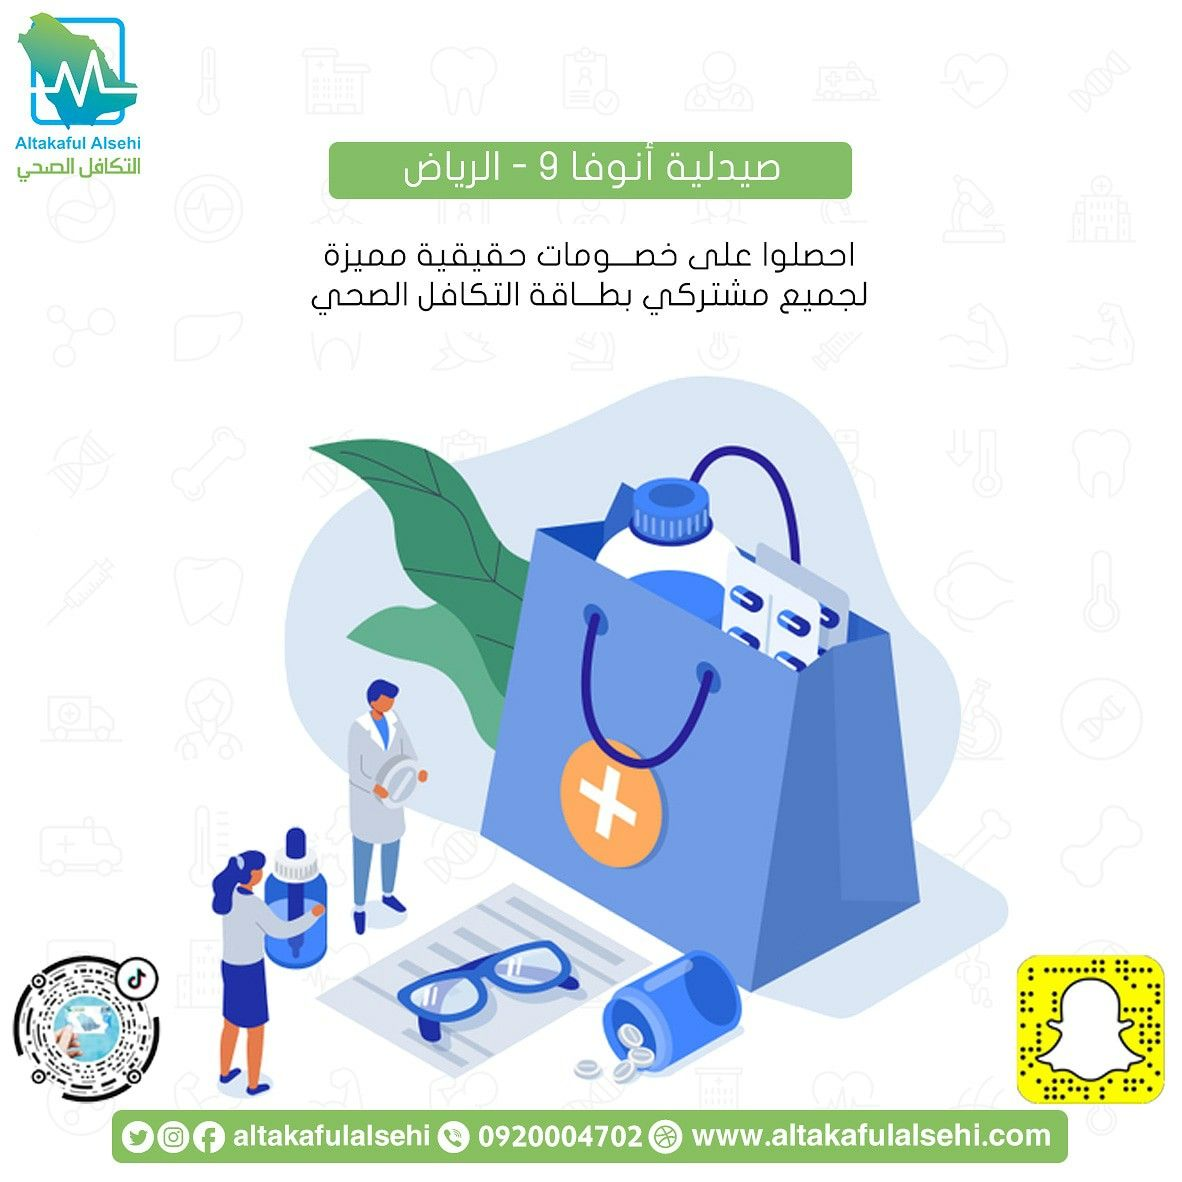 صيدلية أنوفا 9 الرياض حي السلى تقدم لحاملي بطاقة التكافل الصحي خصومات بقيمة 10 على مستحضرات التجميل مستحضرات تجميل بش Gaming Logos Logos Health Insurance